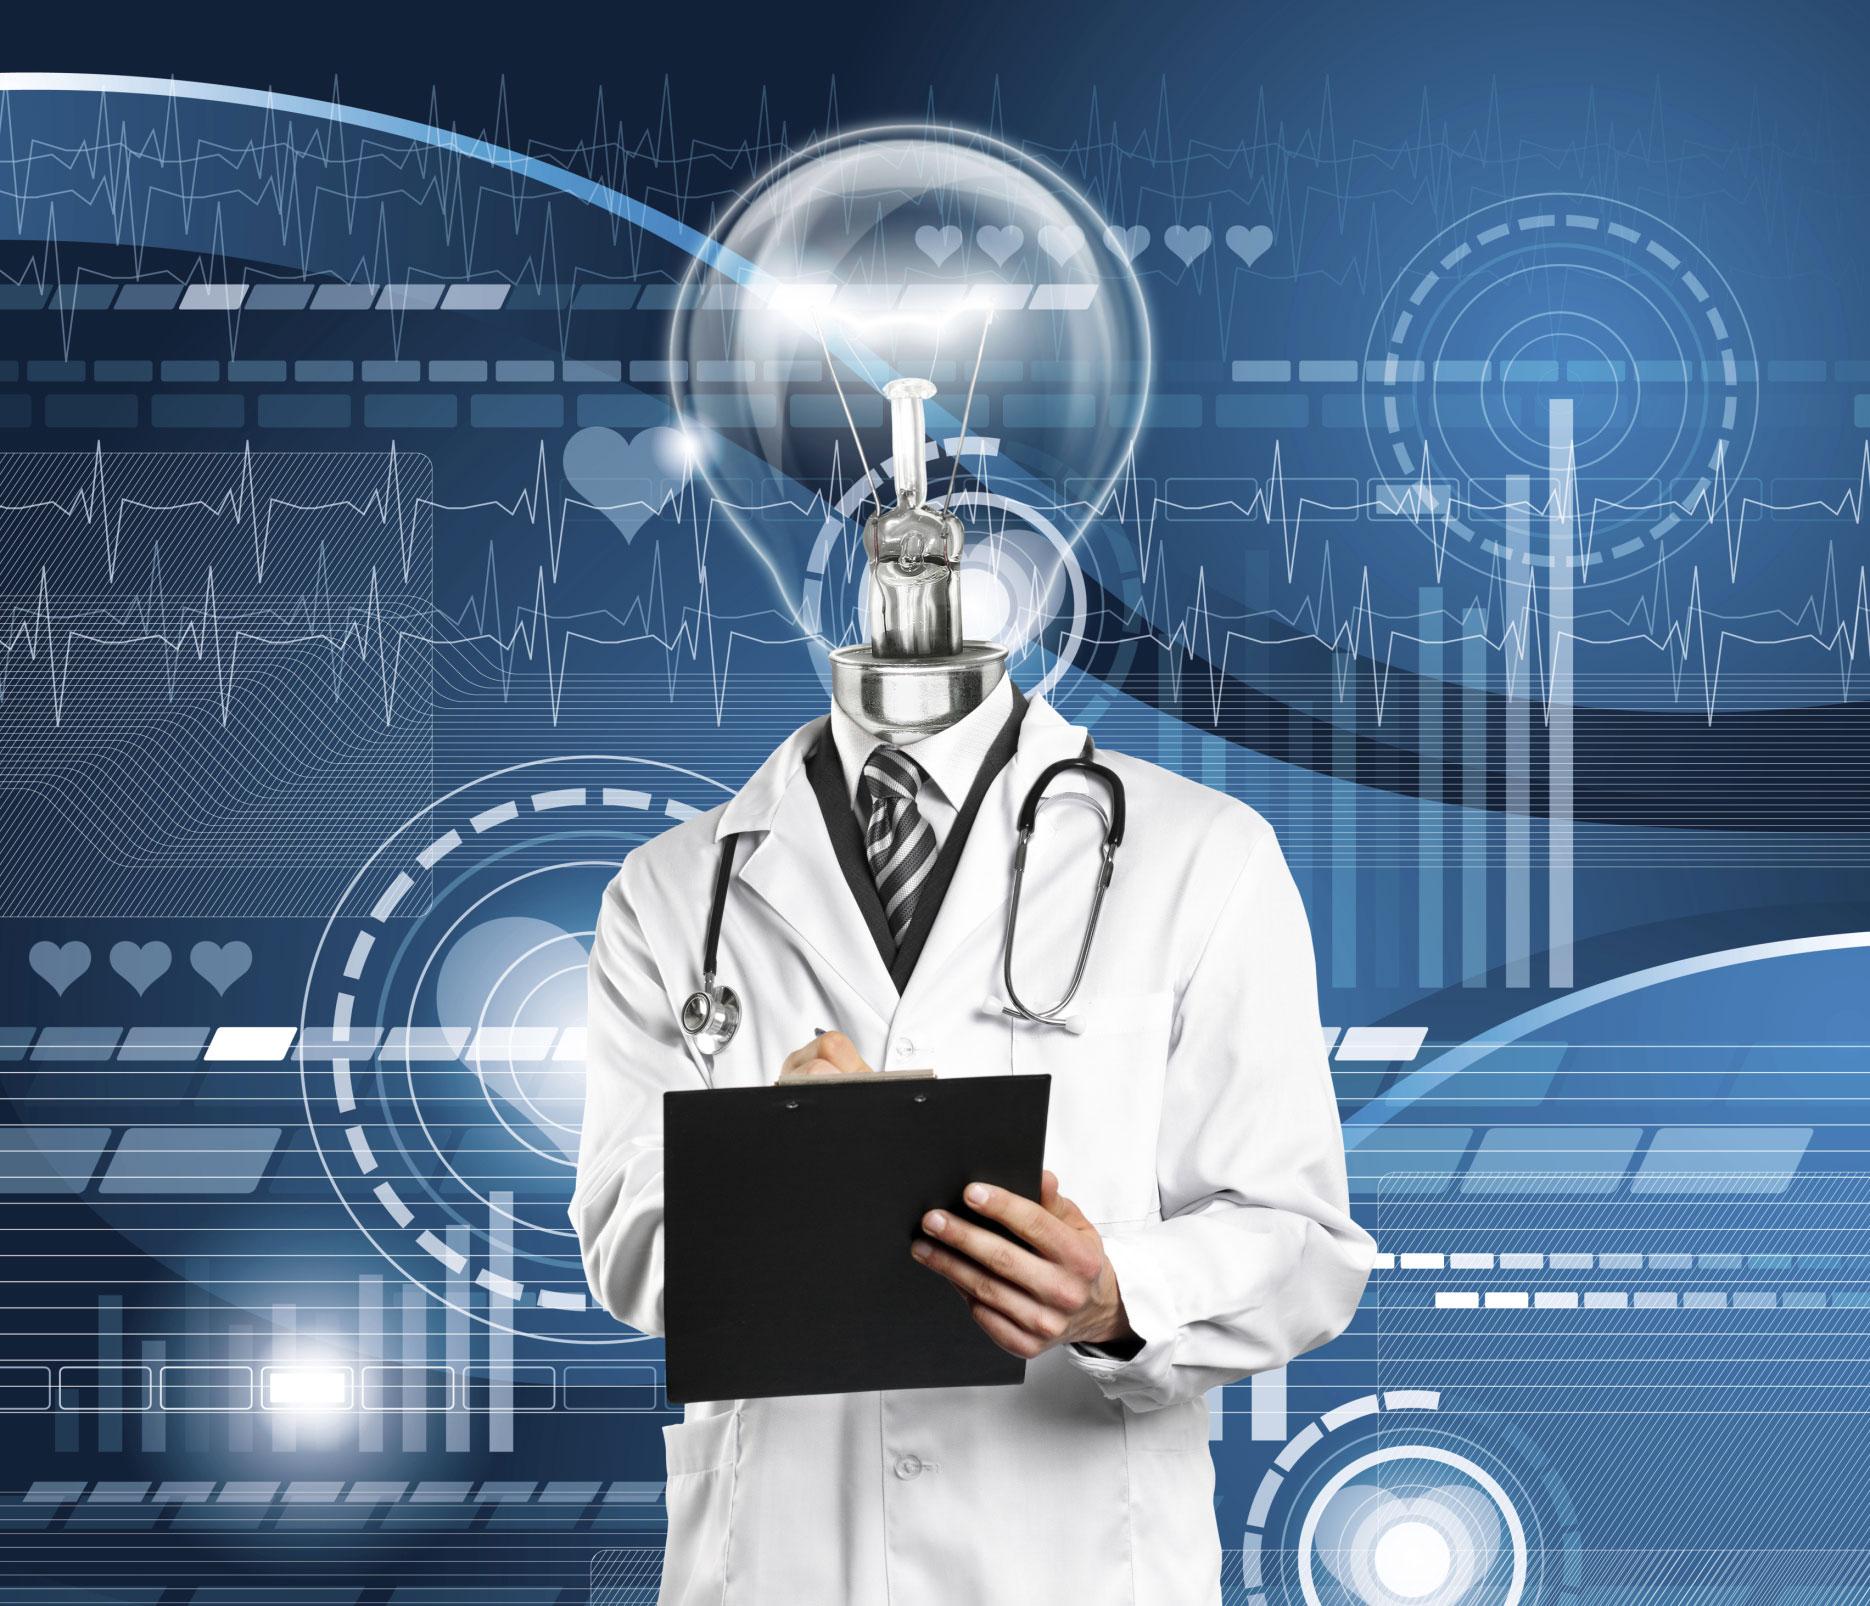 Künstliche Intelligenz in der Medizintechnik: globale Trends und Major Player